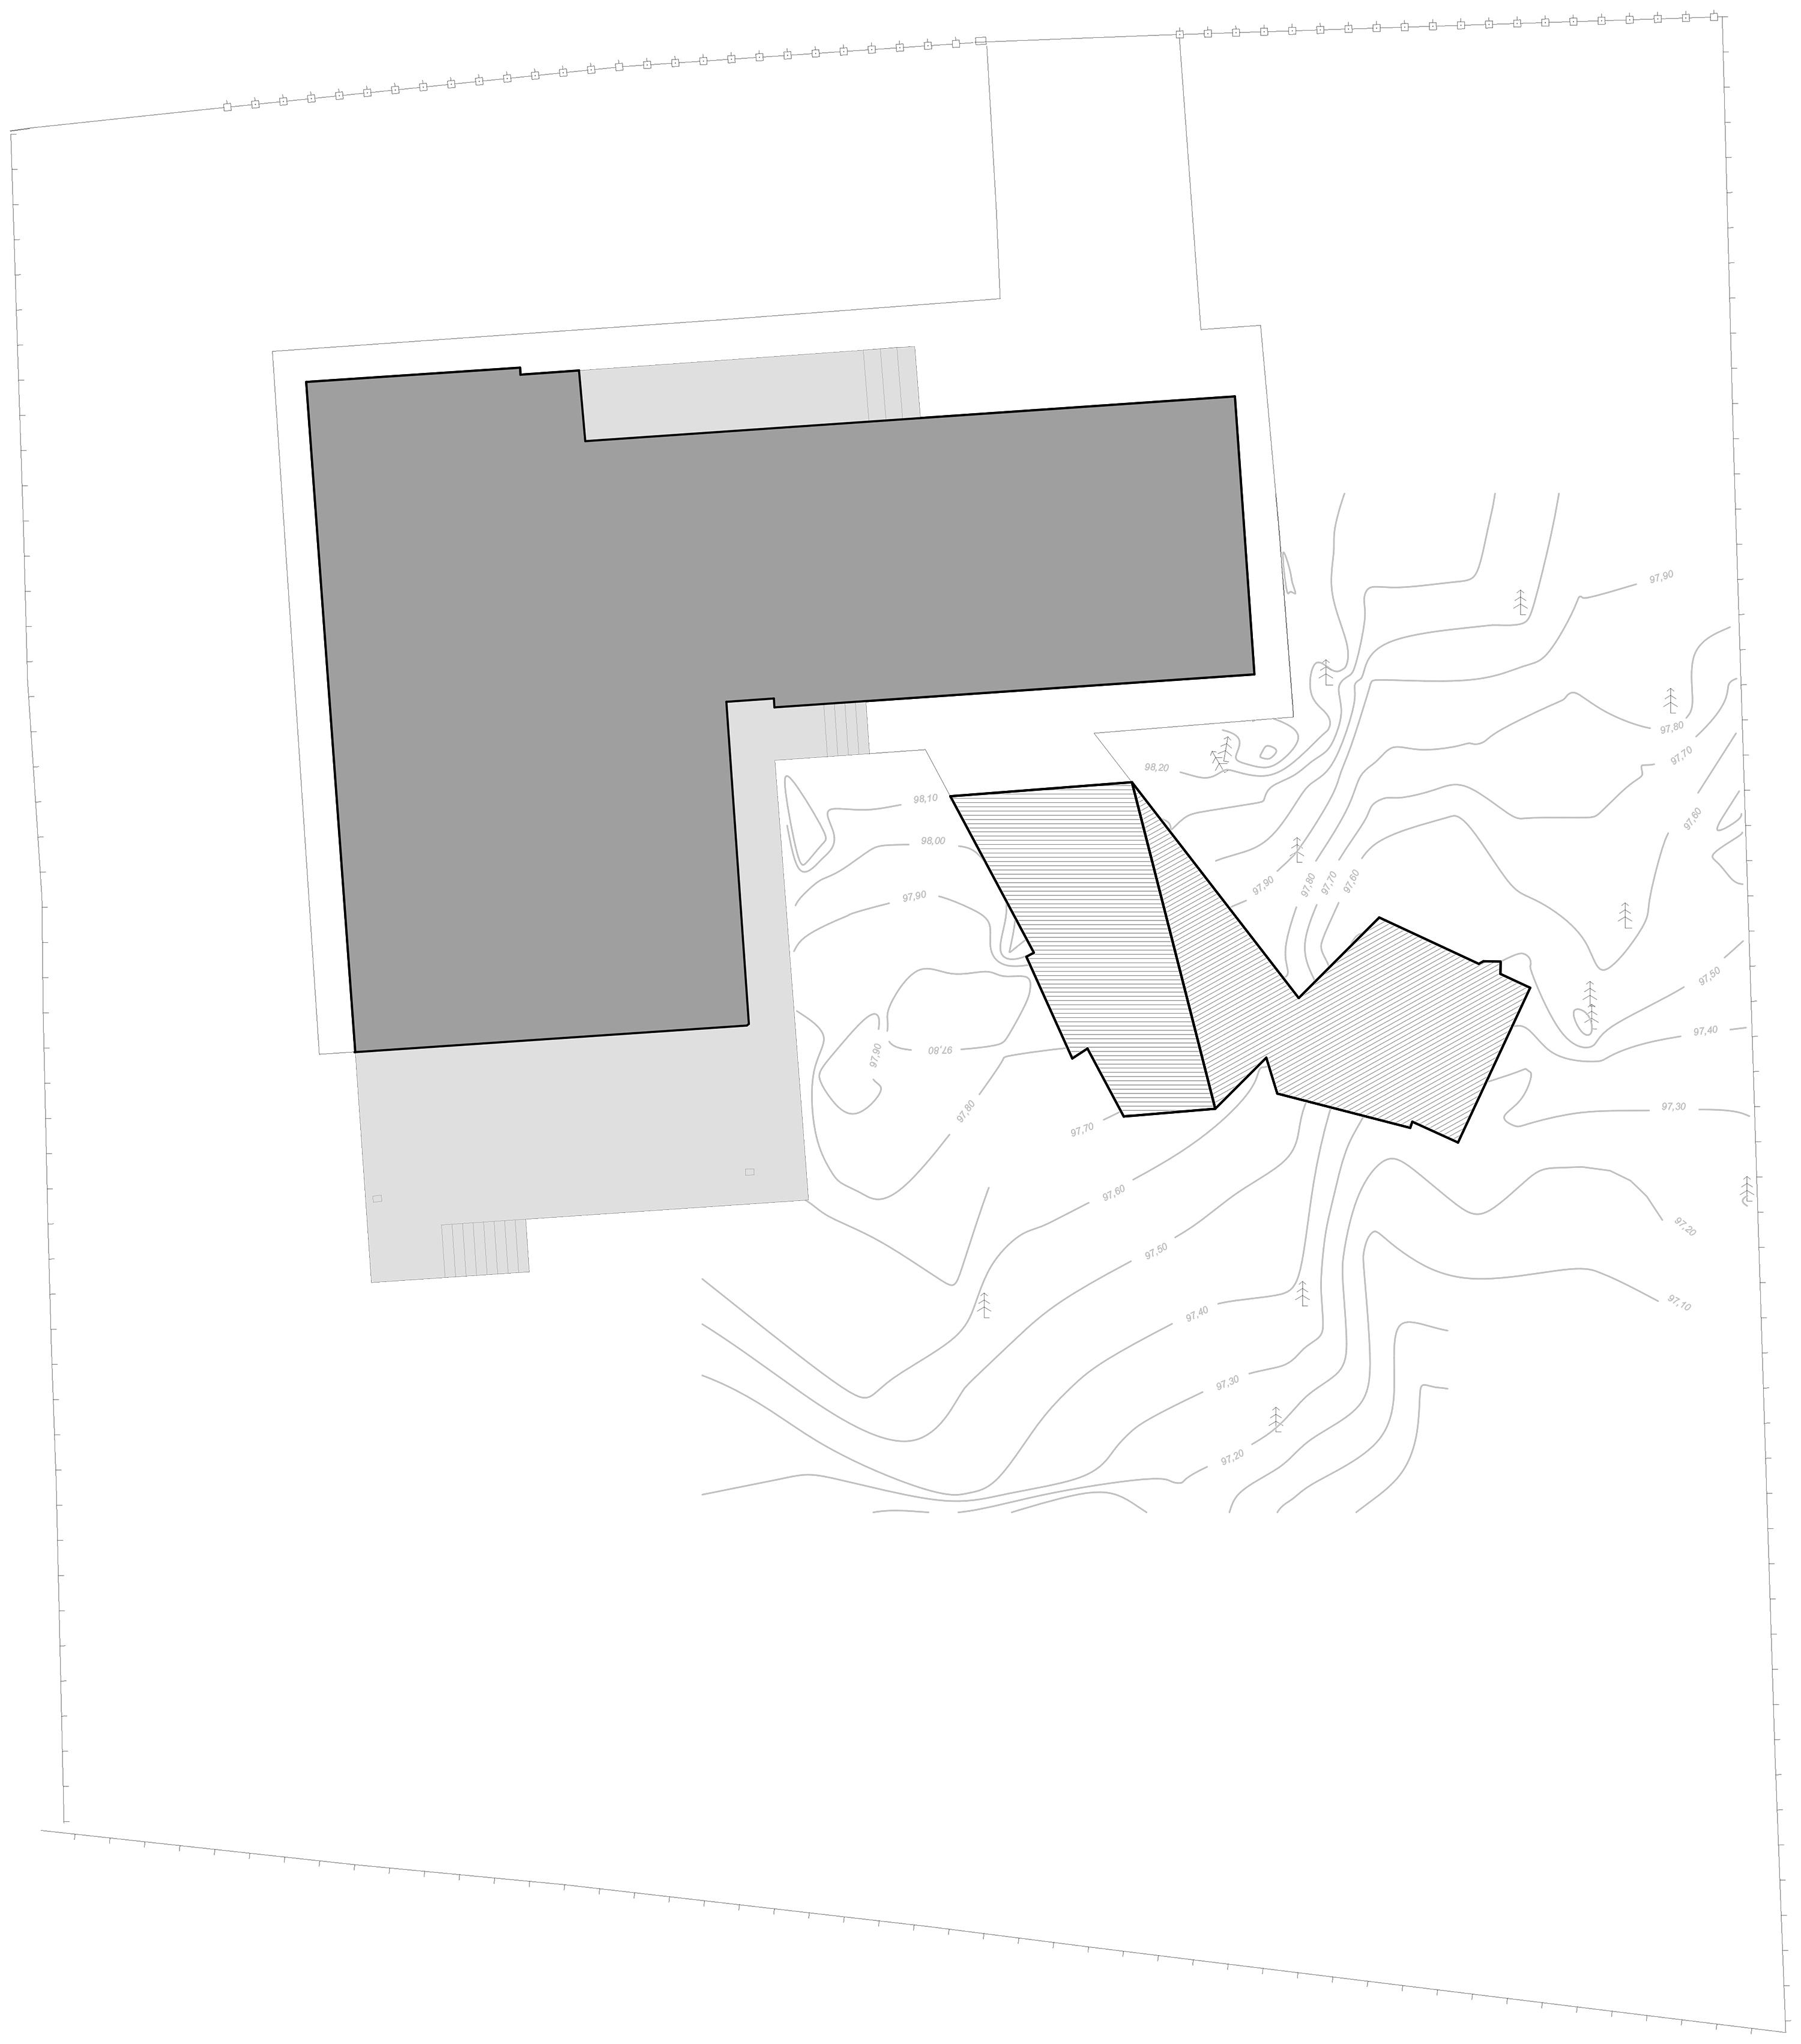 〔안정원의 건축 칼럼〕 숲을 보호하는 기하학적인 배치와 다이내믹한 파빌리온 공간 2